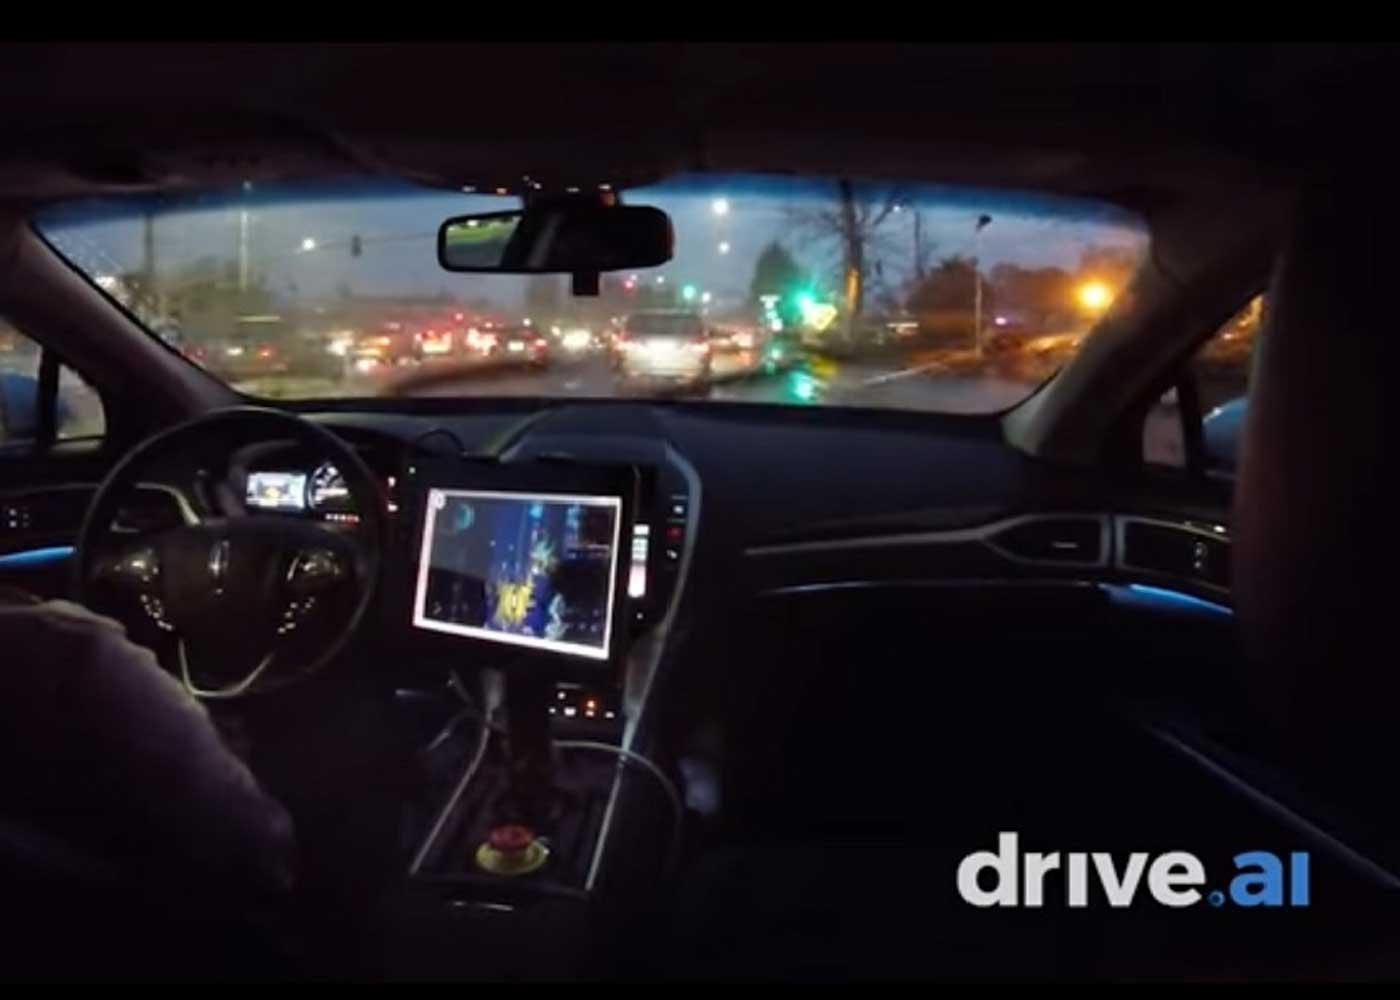 drive_05.jpg